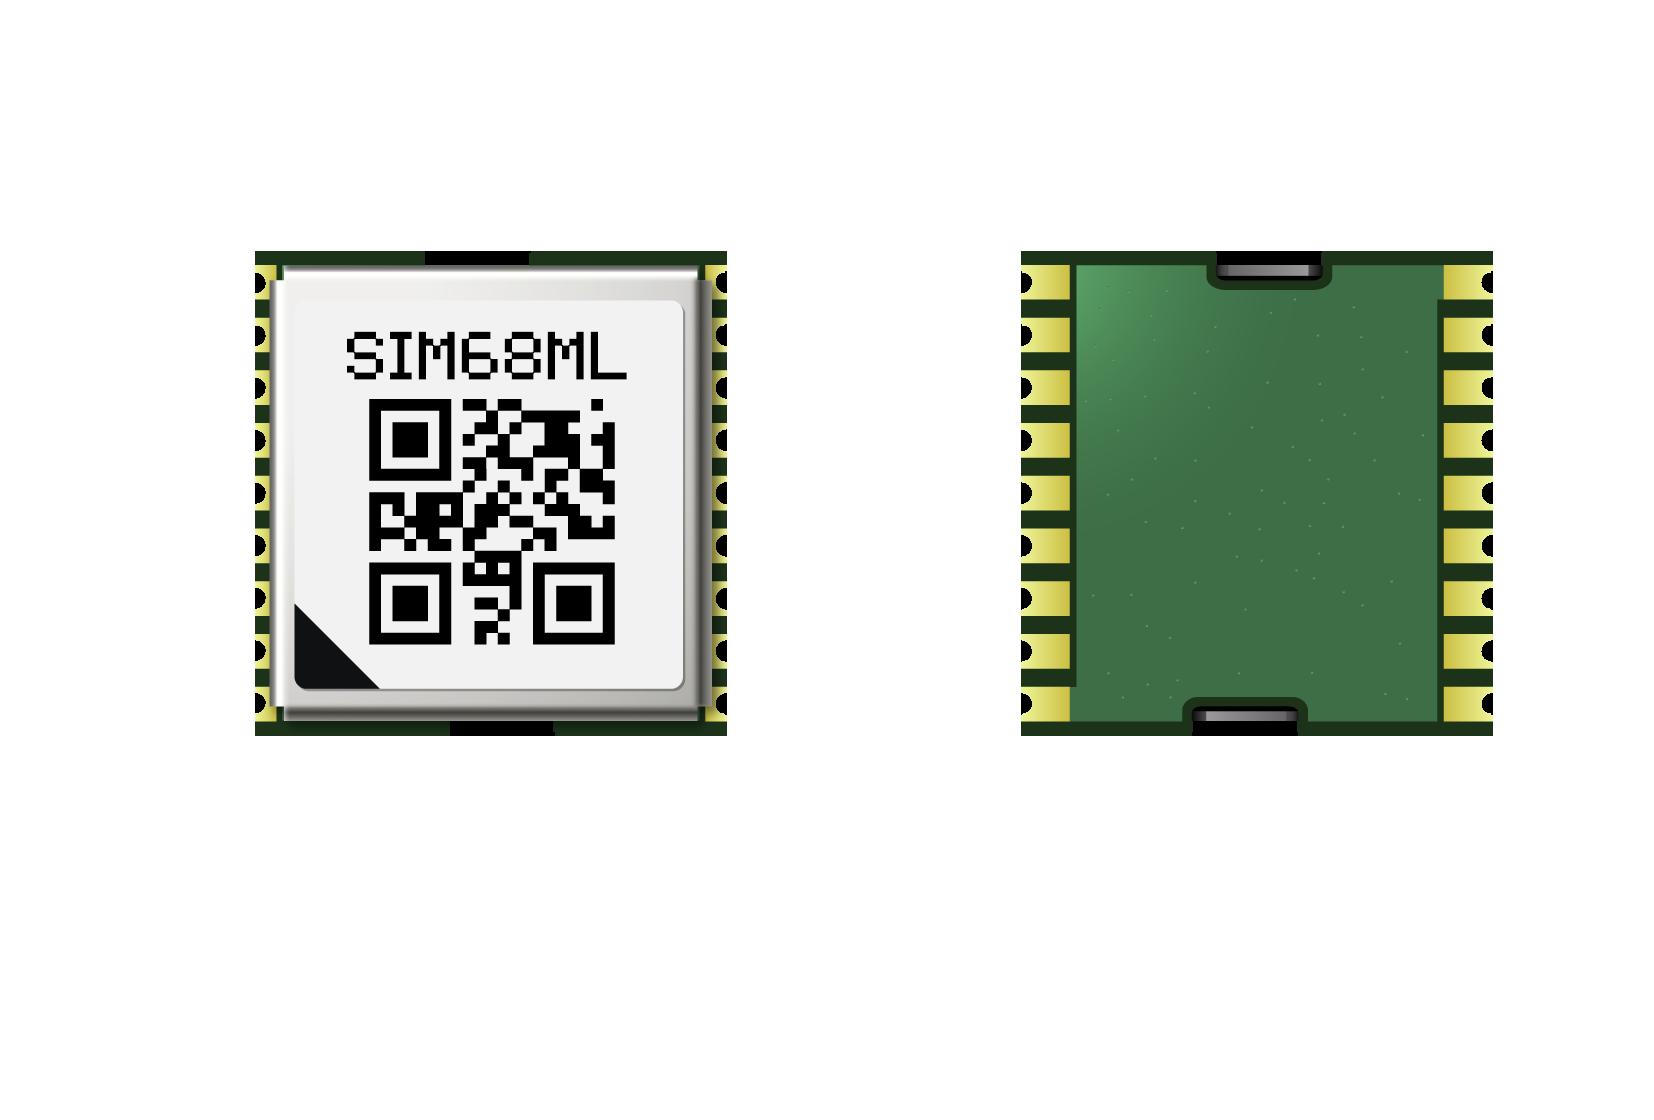 SIM68ML_201123.png